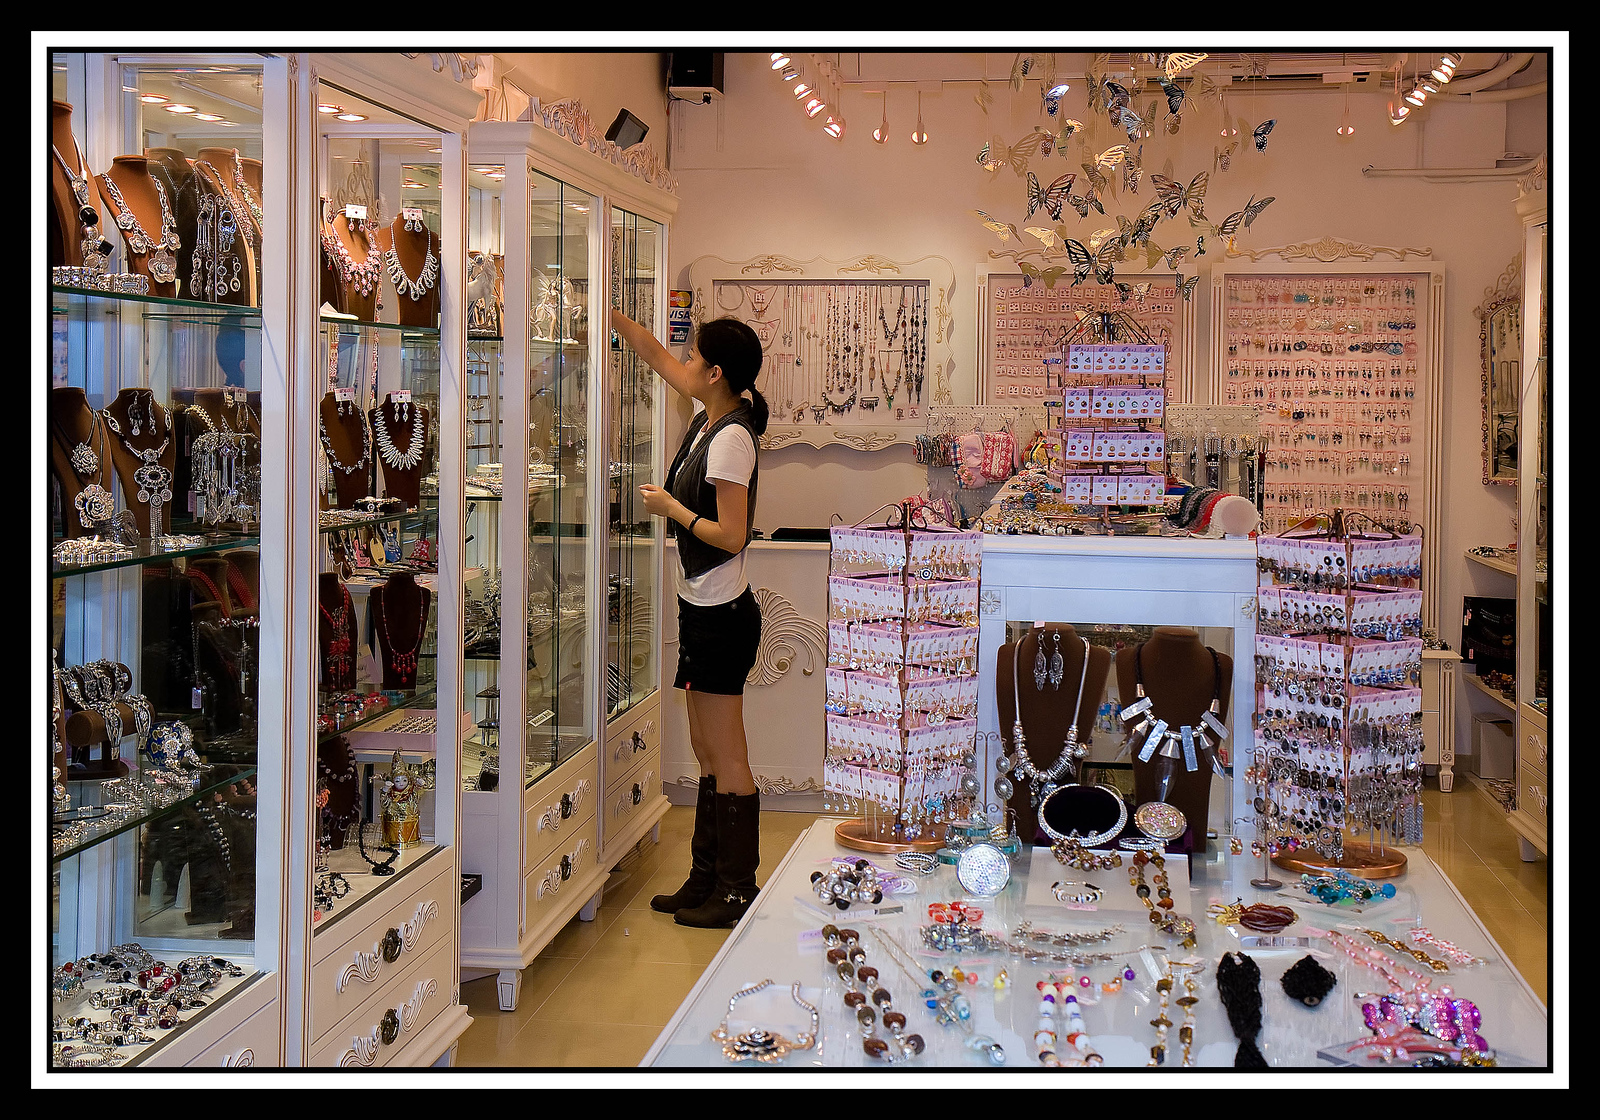 IMAGE: https://photos.smugmug.com/Travel/China-Focus-Tour-2010-Hong/i-wjkGcjJ/0/f2d0cf6f/X3/040%20Stanley%20Market%20-%20jewelry%20shop-X3.jpg